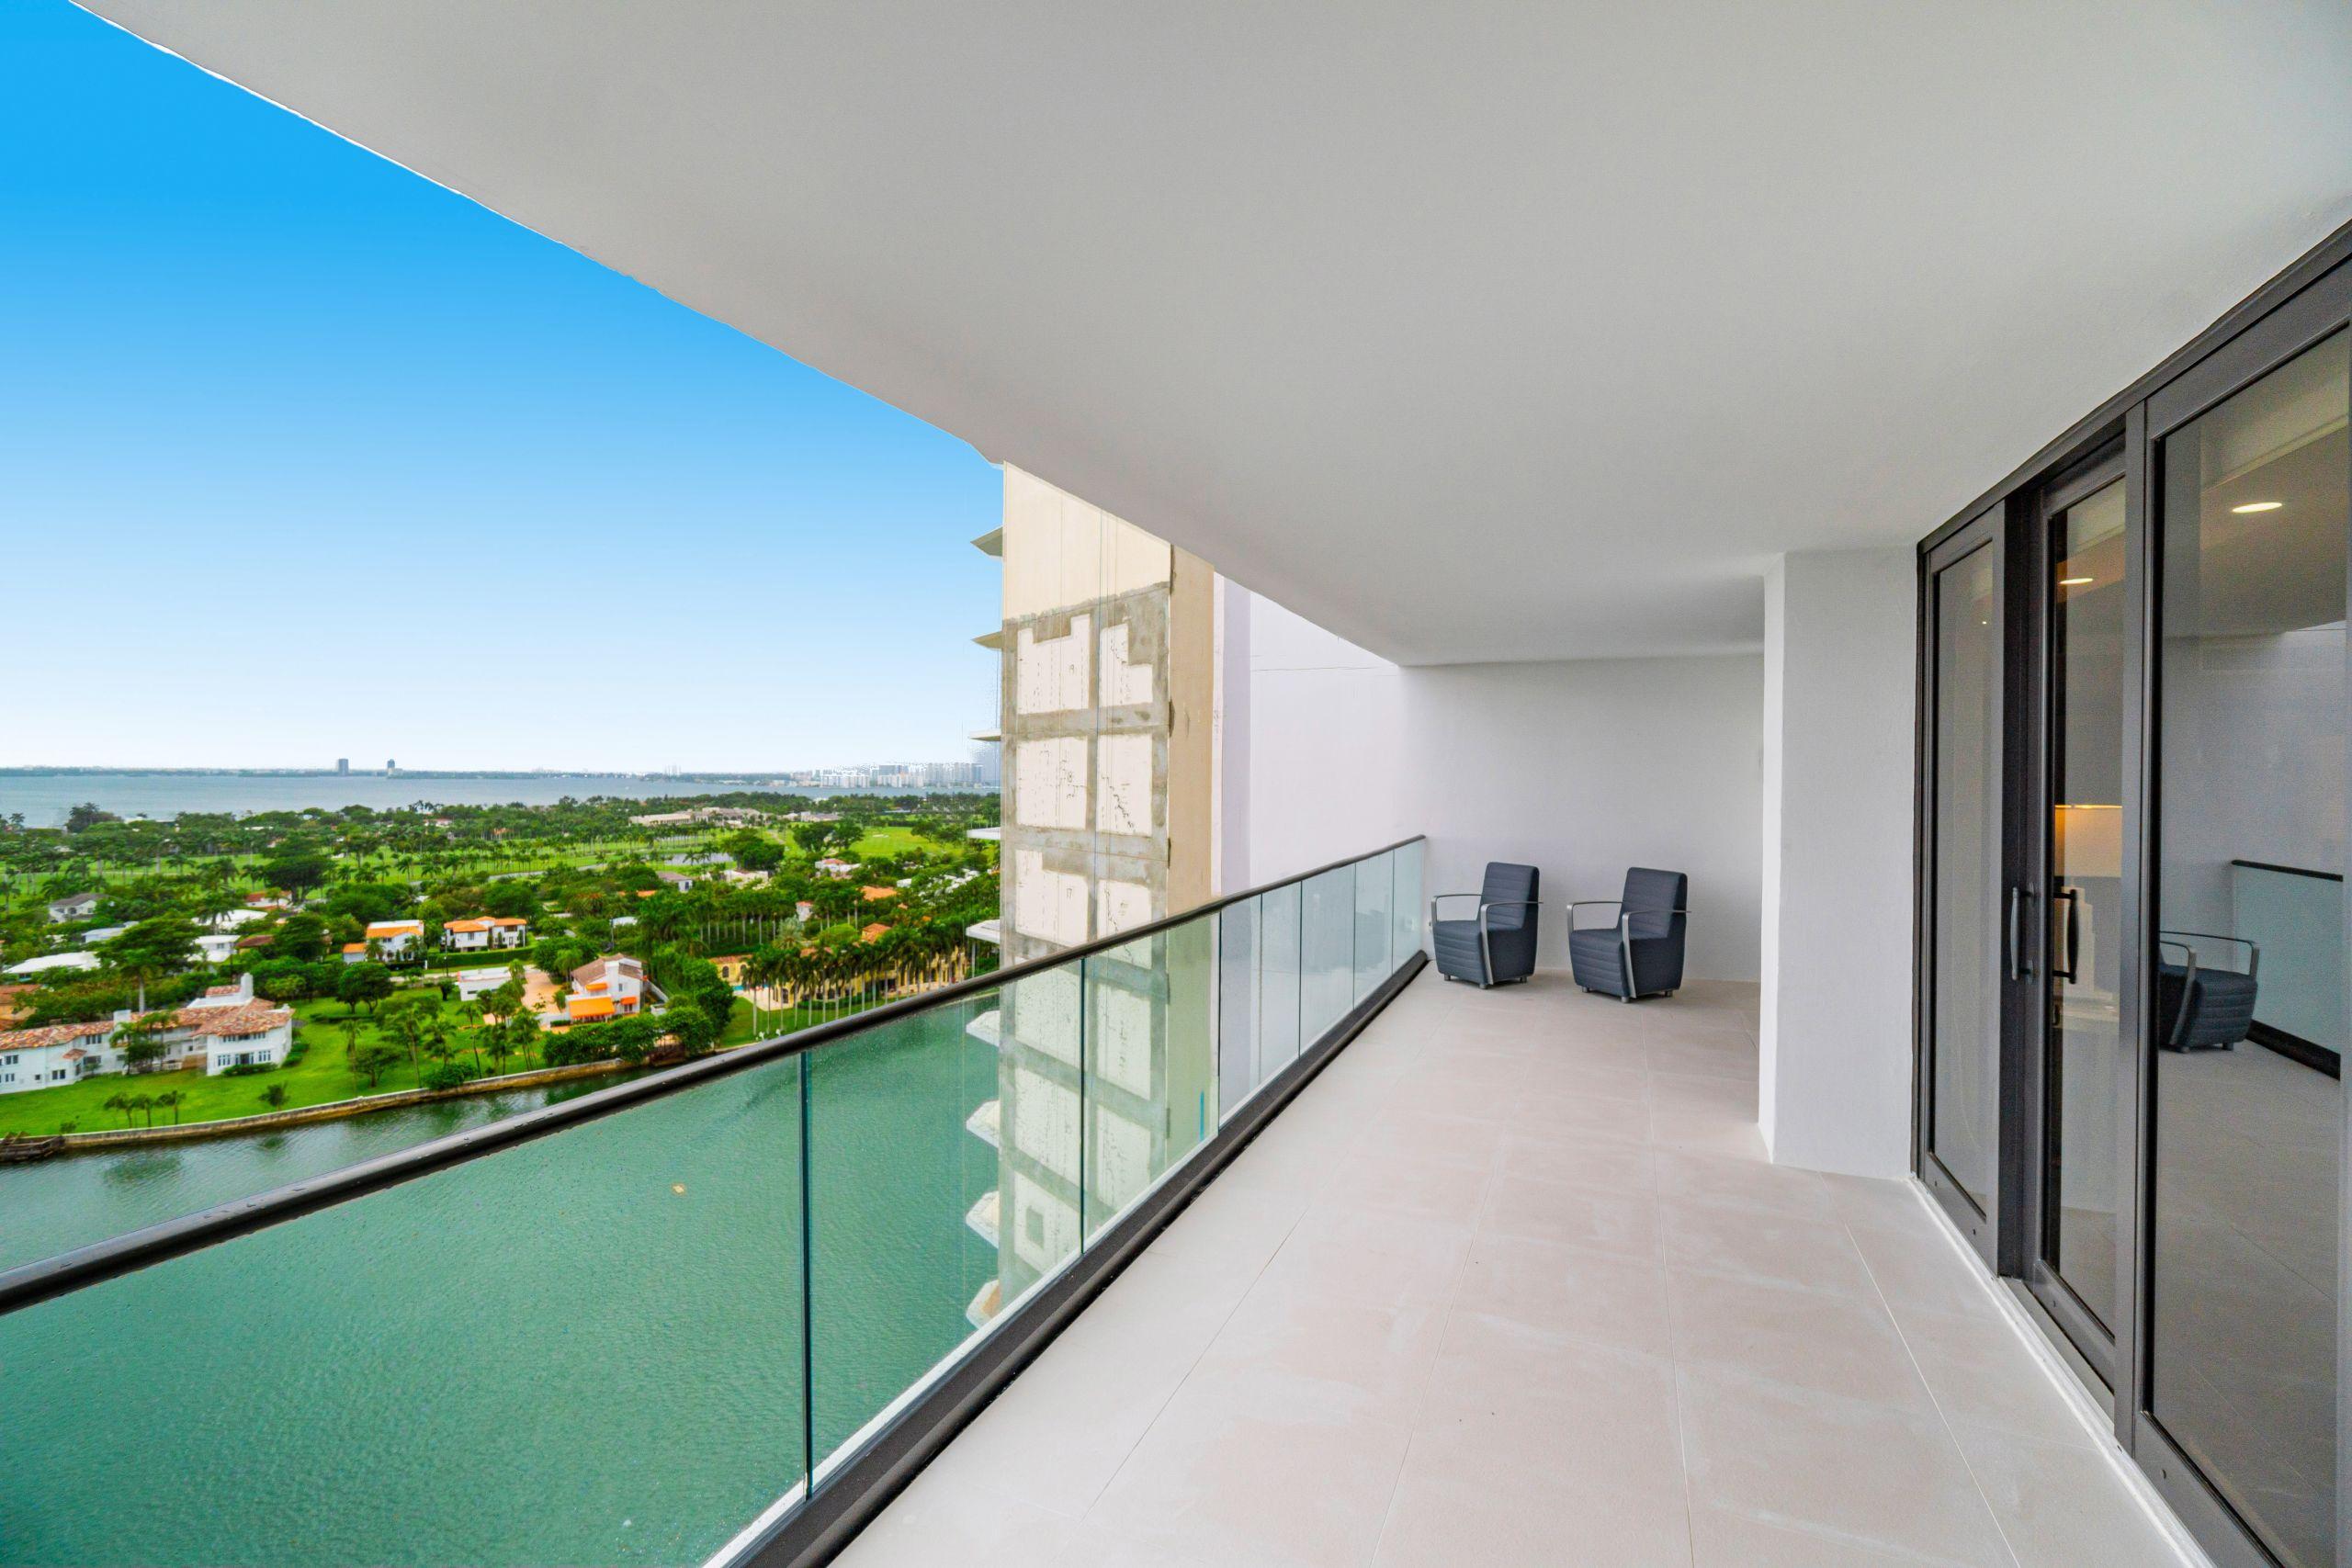 Towerhouse Condo, 5500 Collins Ave, Apt. 1804, Miami Beach, FL 33140   $1,550,000